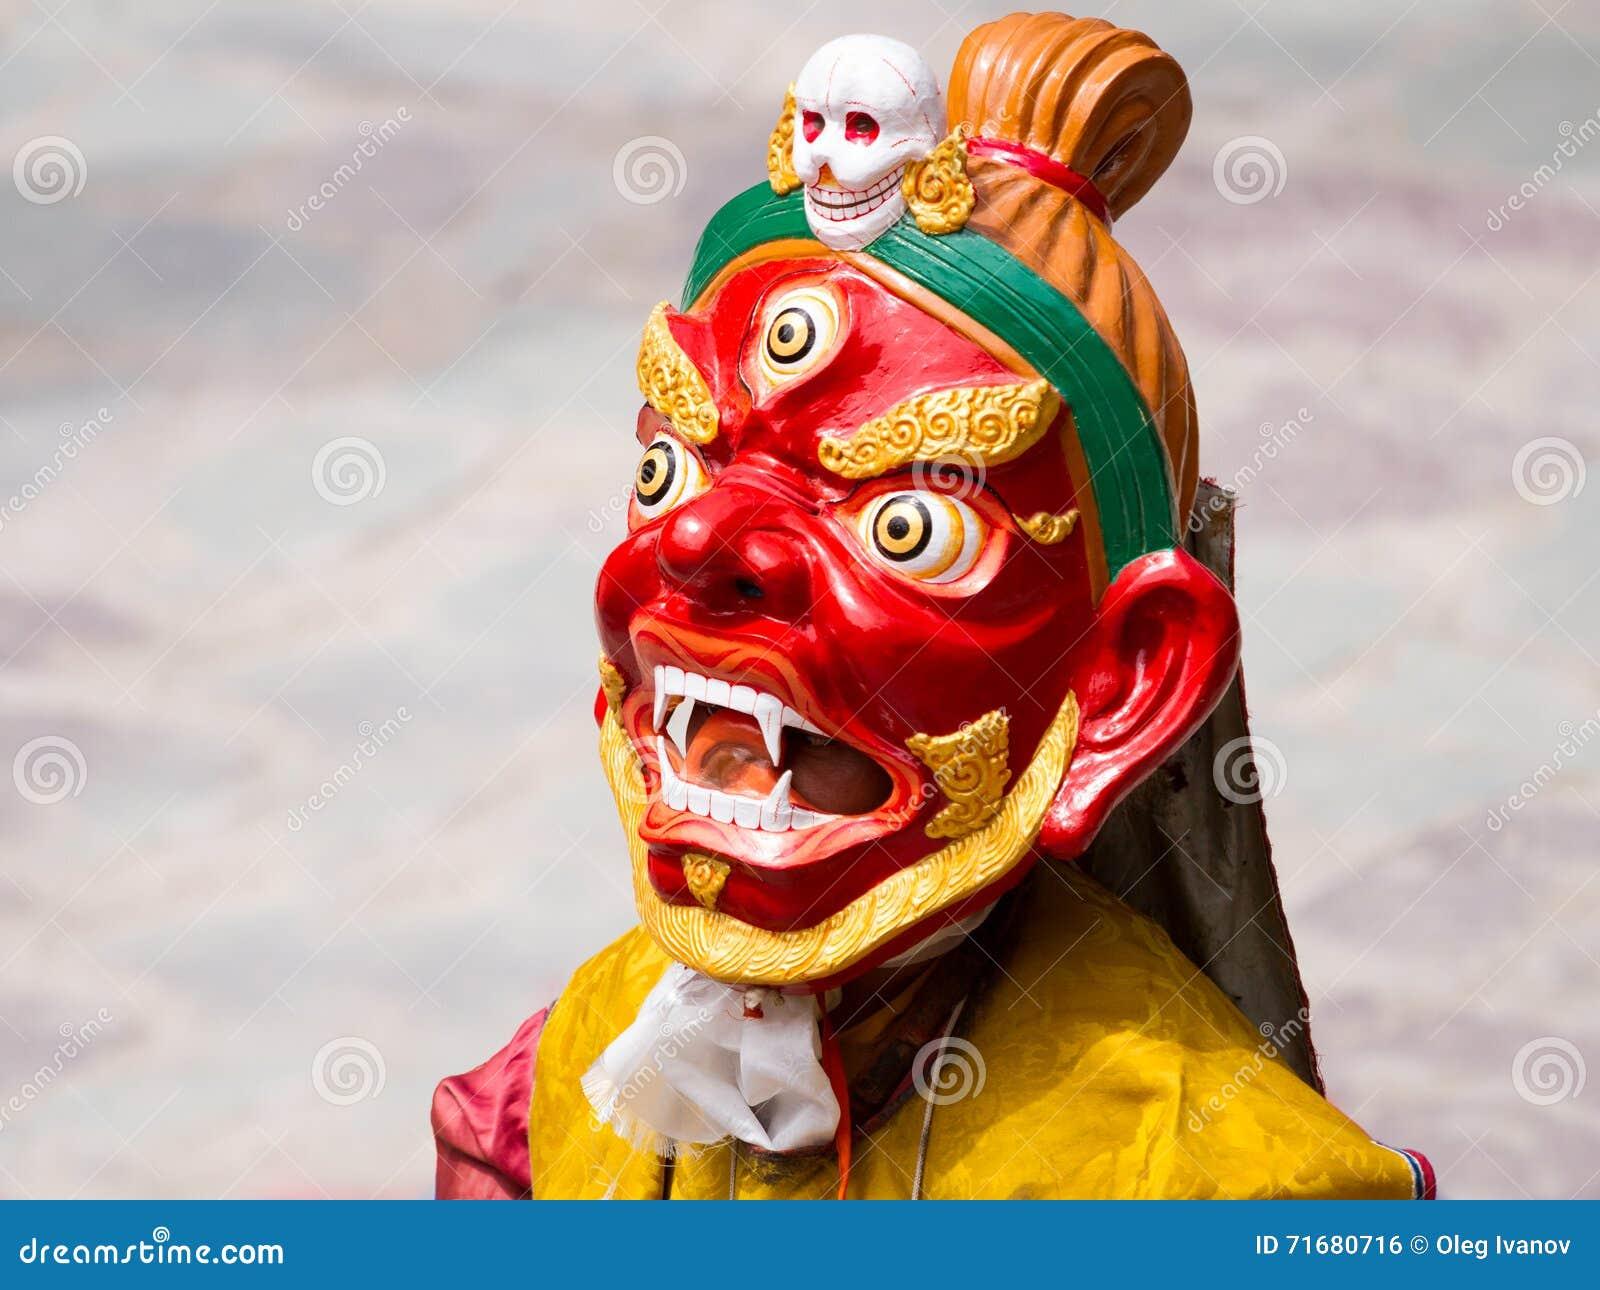 El monje no identificado realiza una danza enmascarada y vestida religiosa del misterio del budismo tibetano